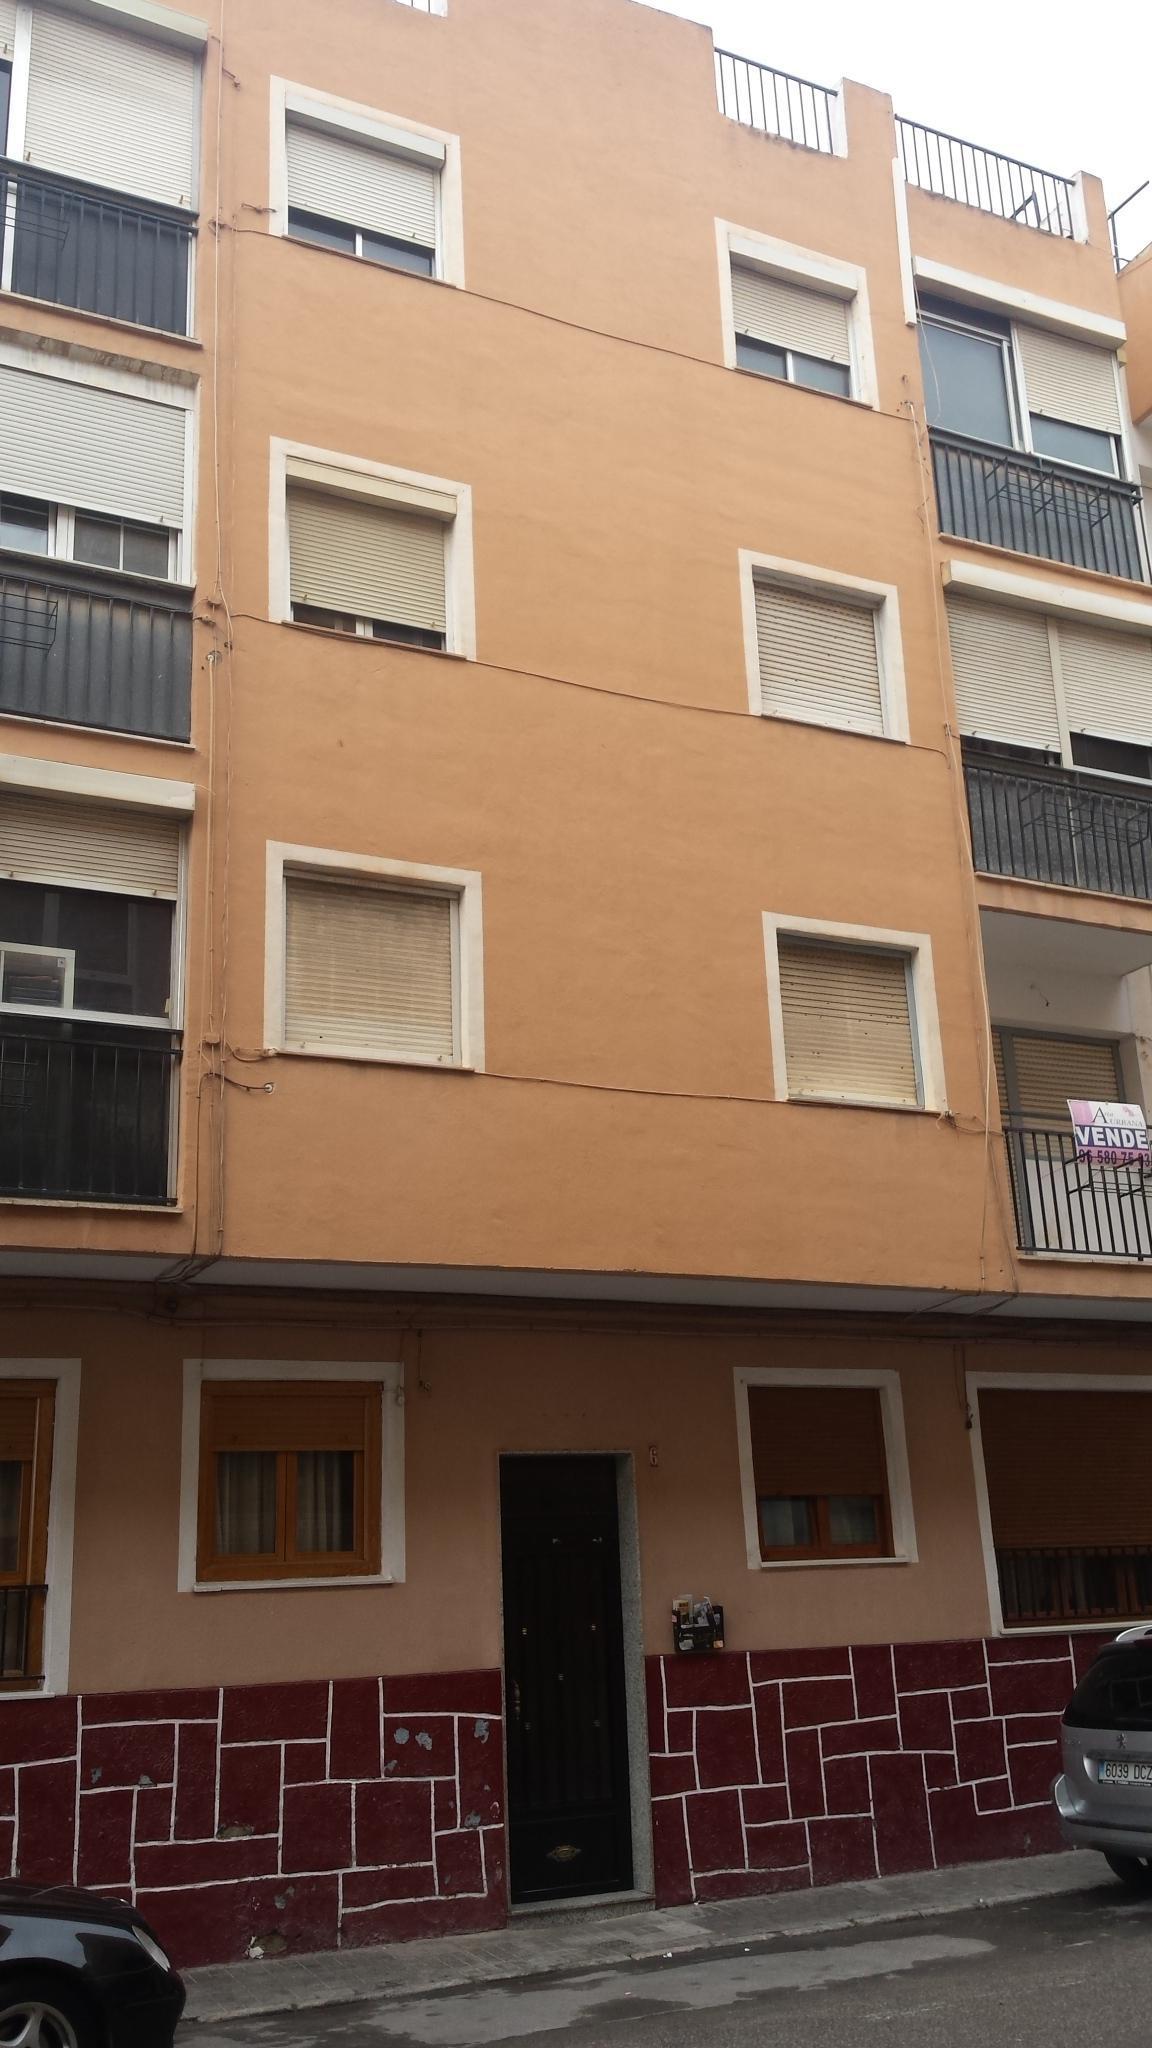 Vivienda en venta c virgen de las nieves 6 villena servihabitat - Compartir piso en alicante ...